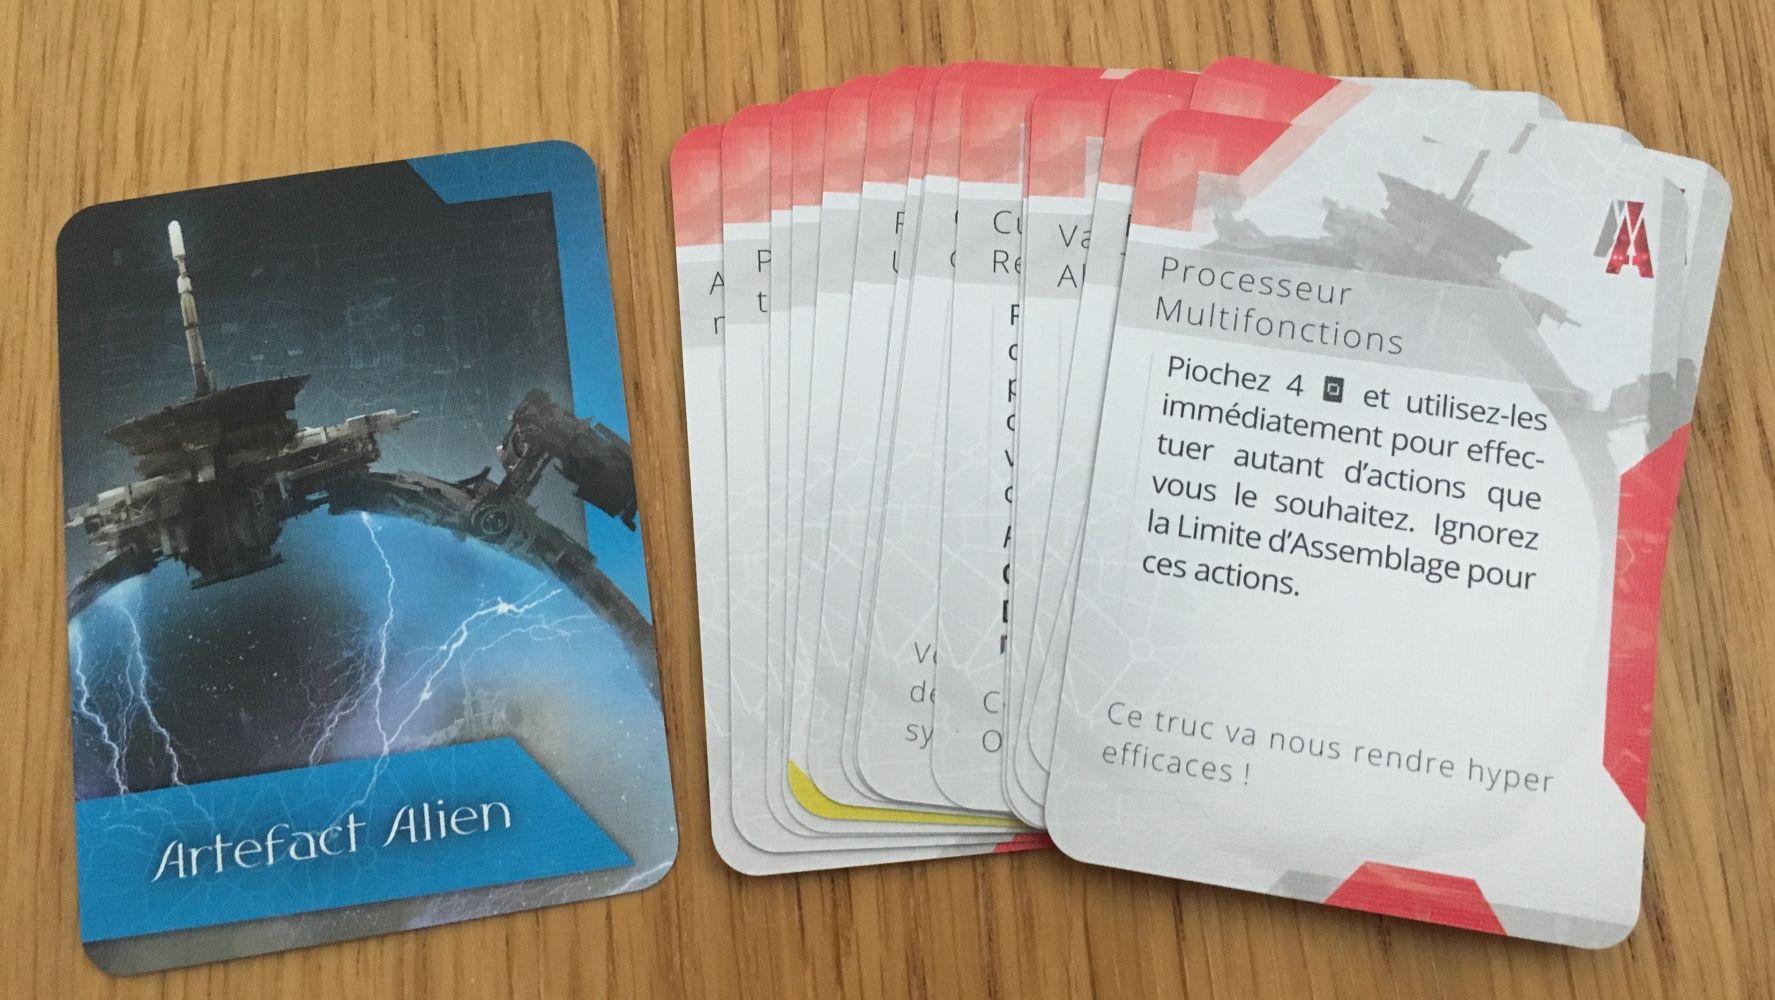 Les cartes Artefact Alien